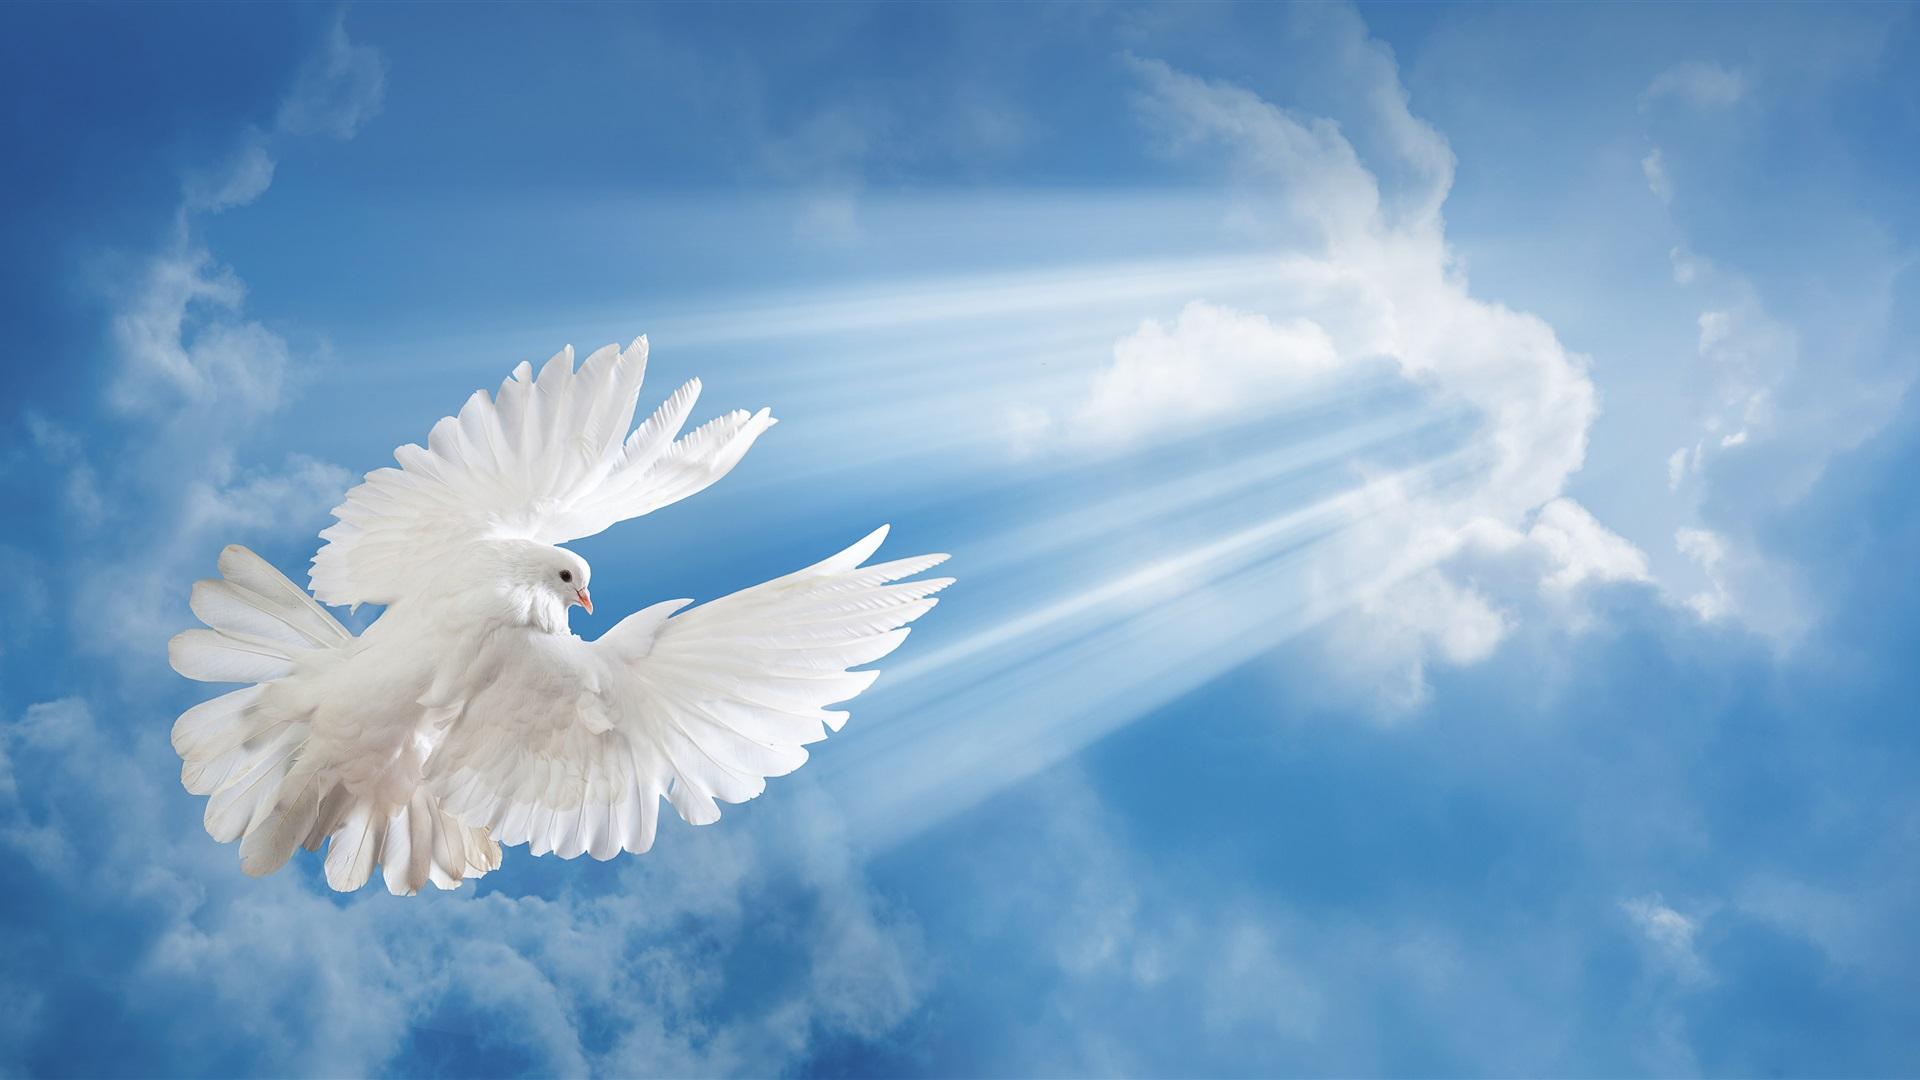 изготавливаются драгоценных голубь в лучах солнца картинка мышцы накладывают